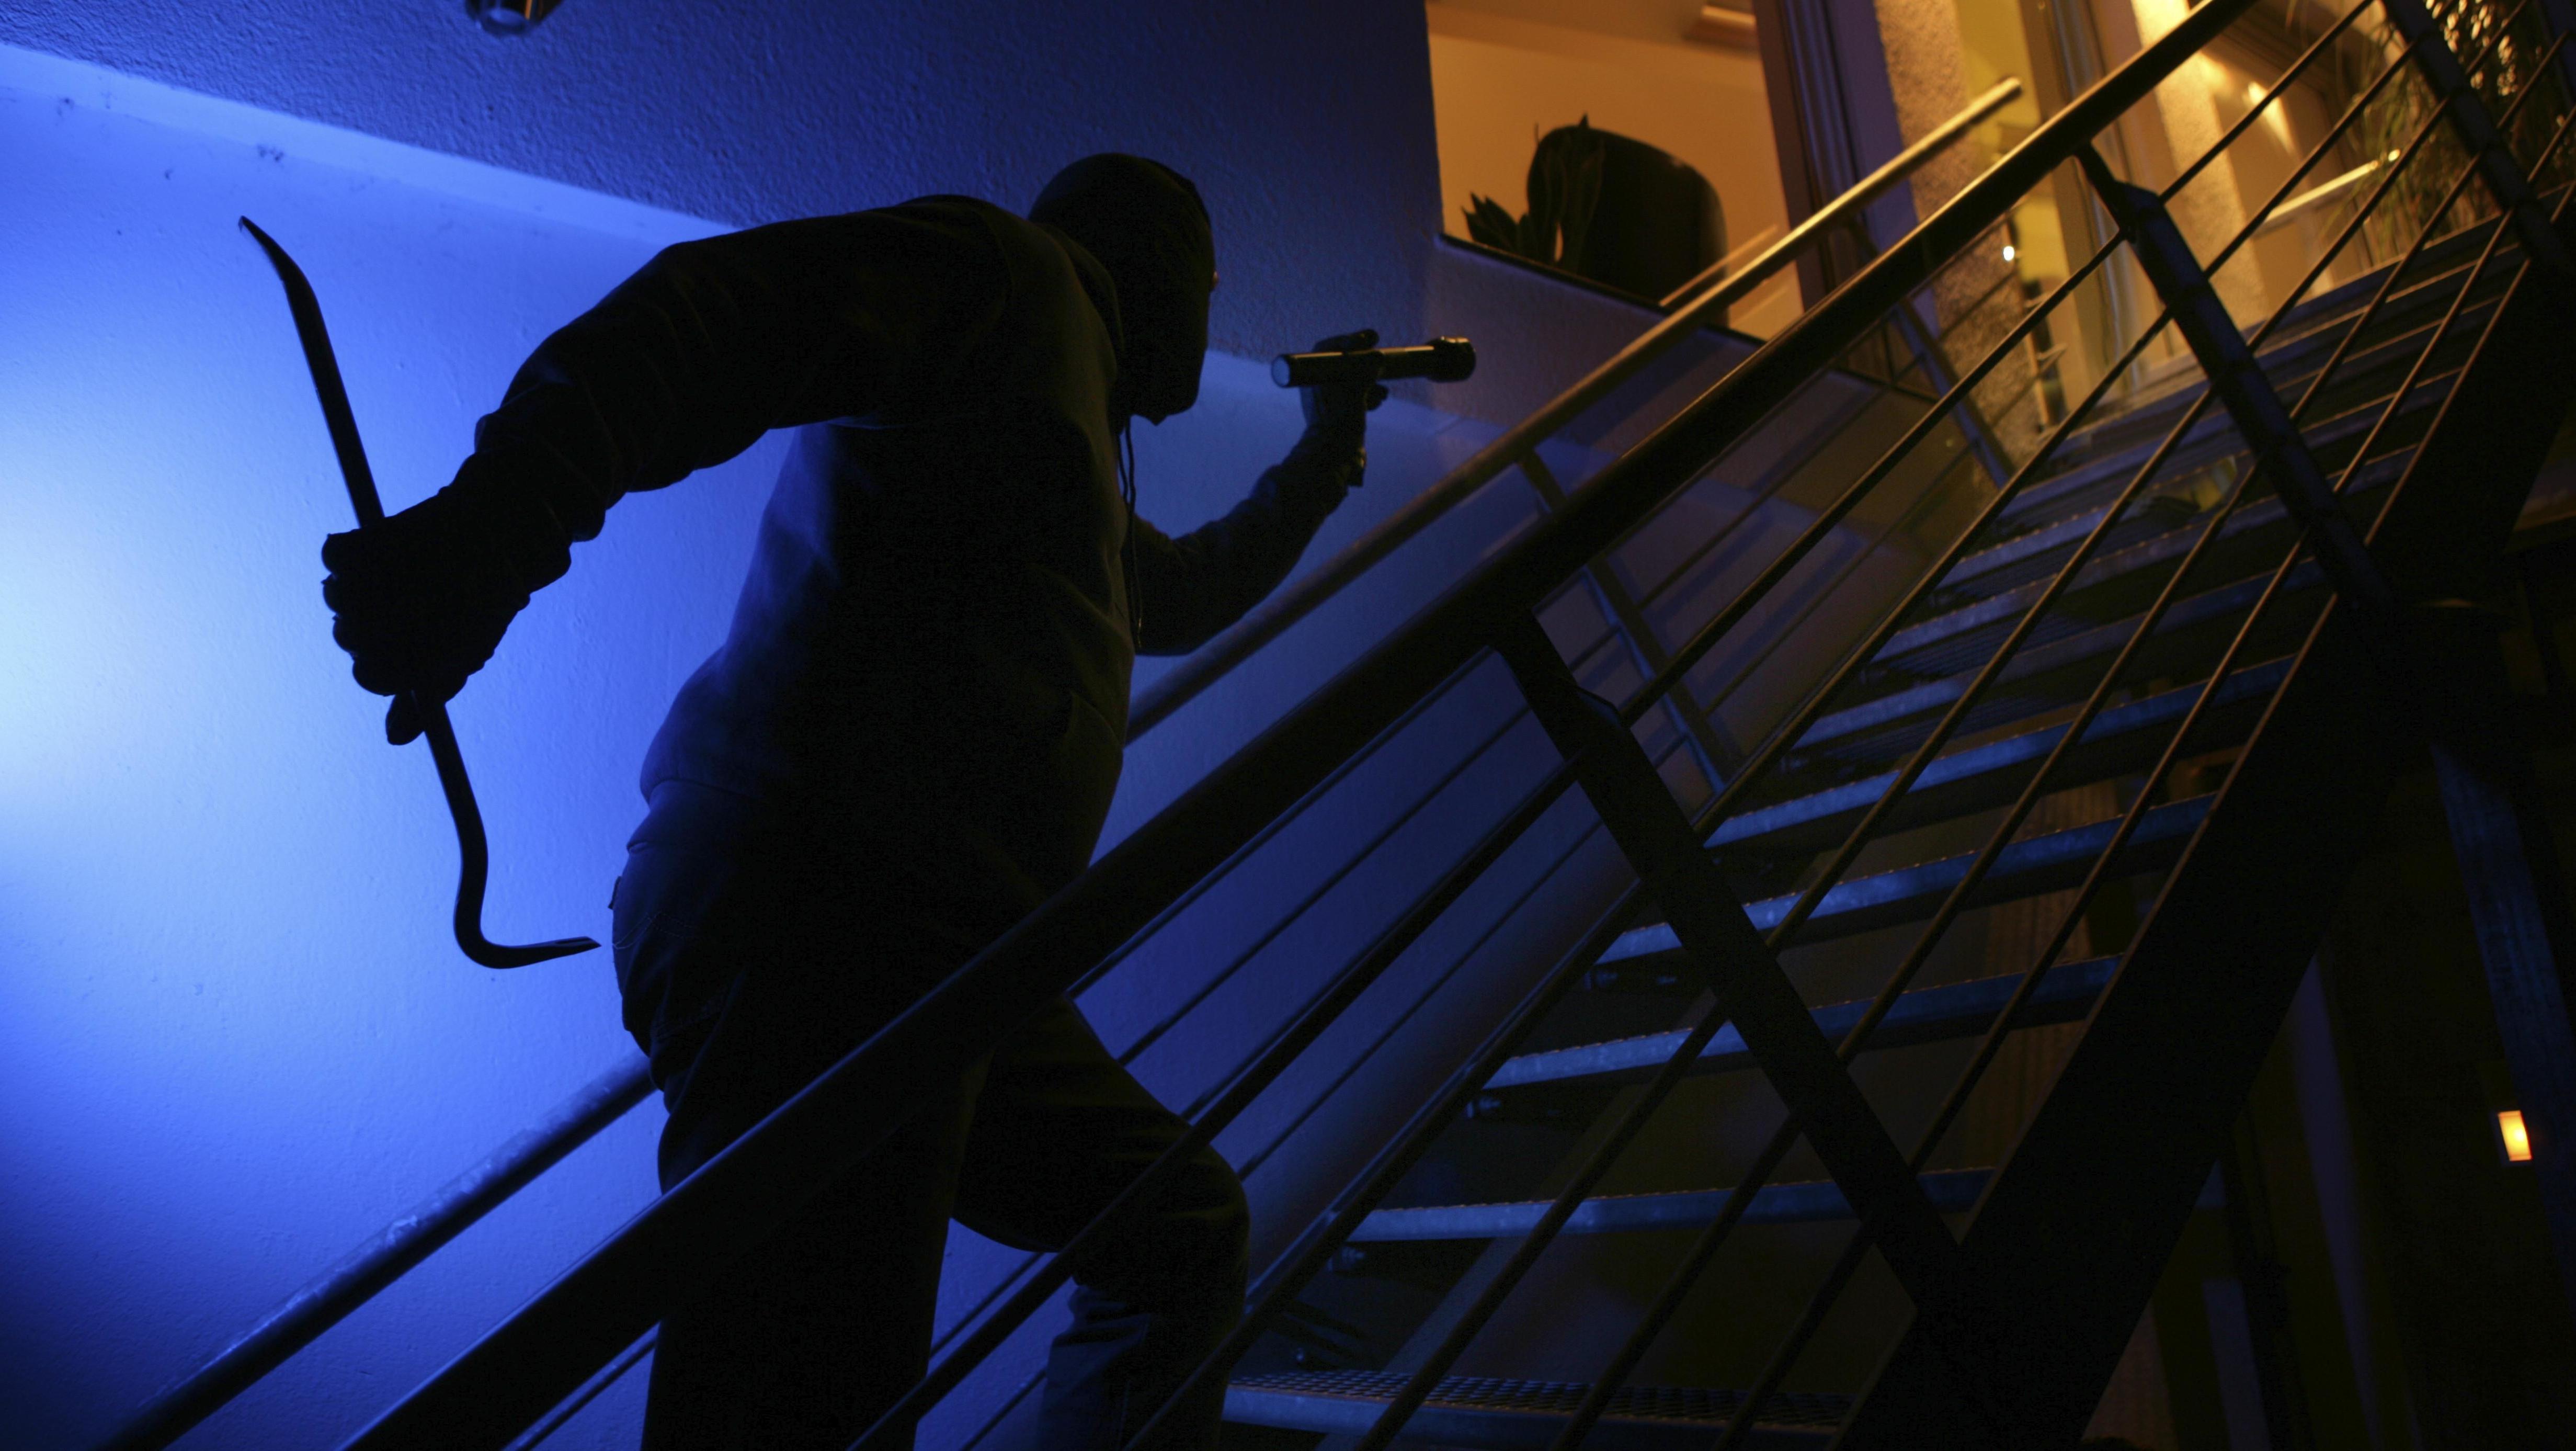 Ein Einbrecher mit Brecheisen steigt im Schutz der Dunkelheit die Außentreppe eines Wohnhauses hinauf; in den Räumen brennt Licht.